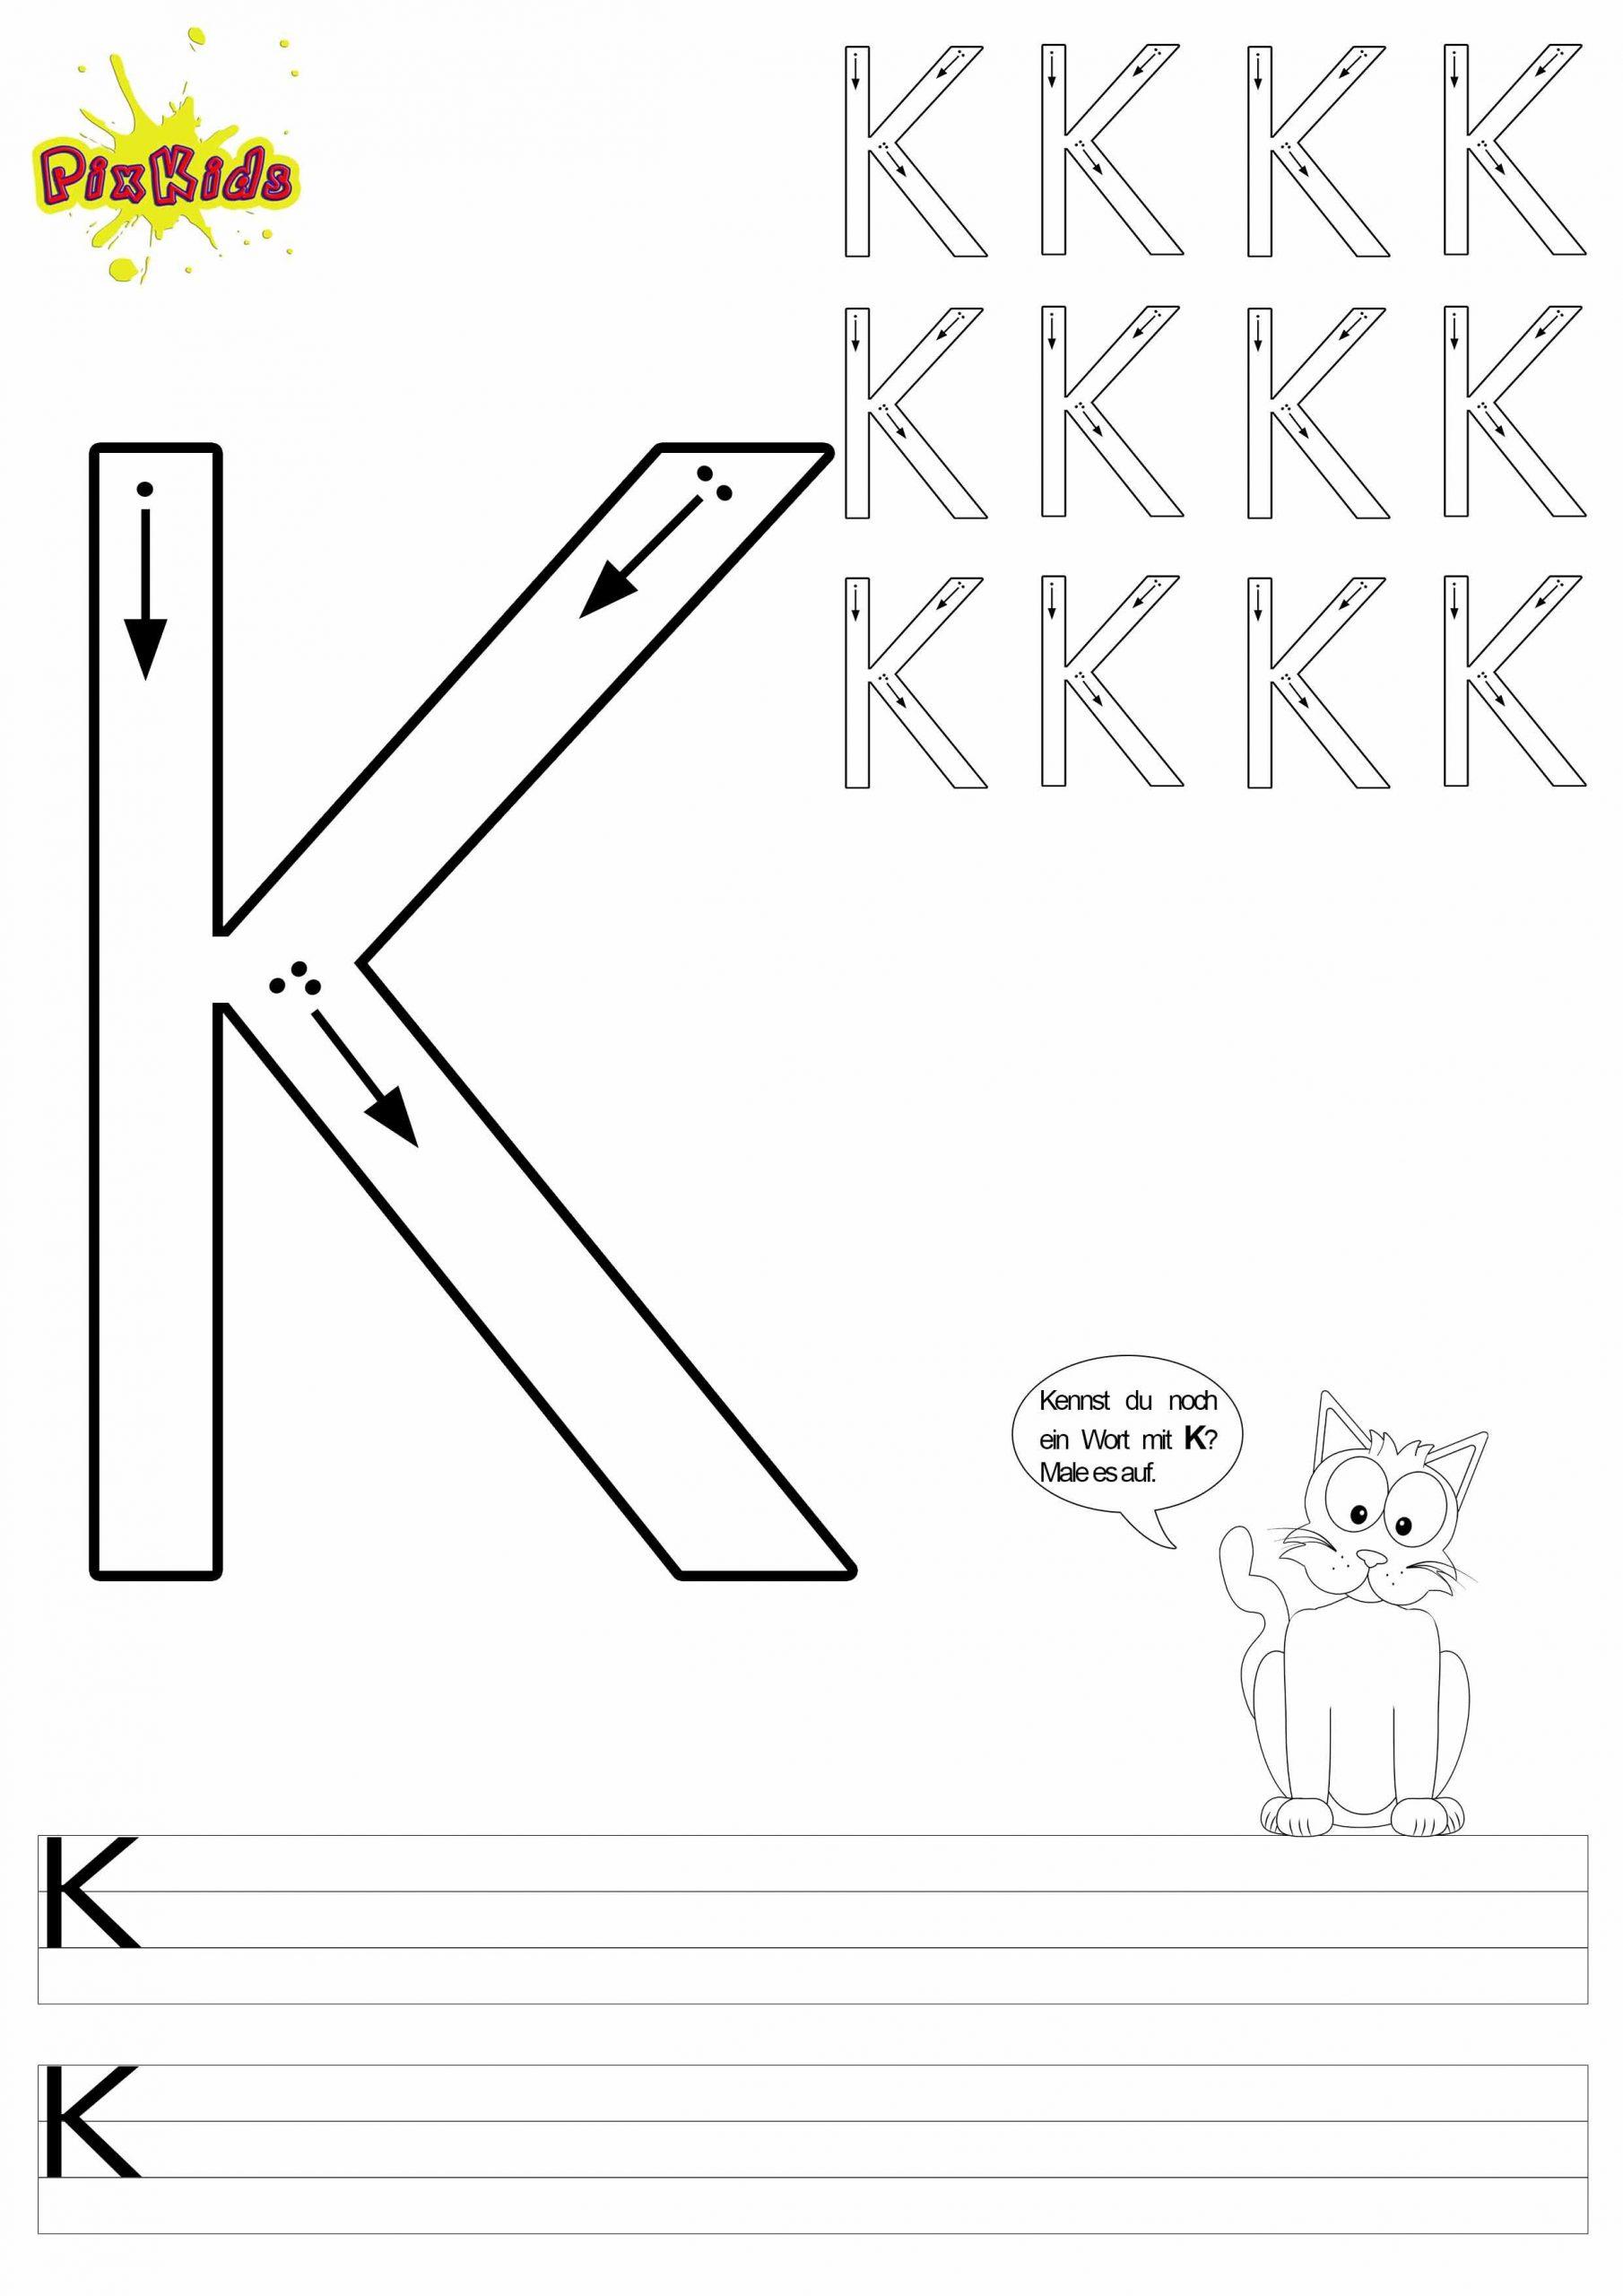 Buchstaben-Schreiben-Lernen-Arbeitsblätter-Buchstabe-K mit Buchstaben Lernen Arbeitsblätter Kostenlos